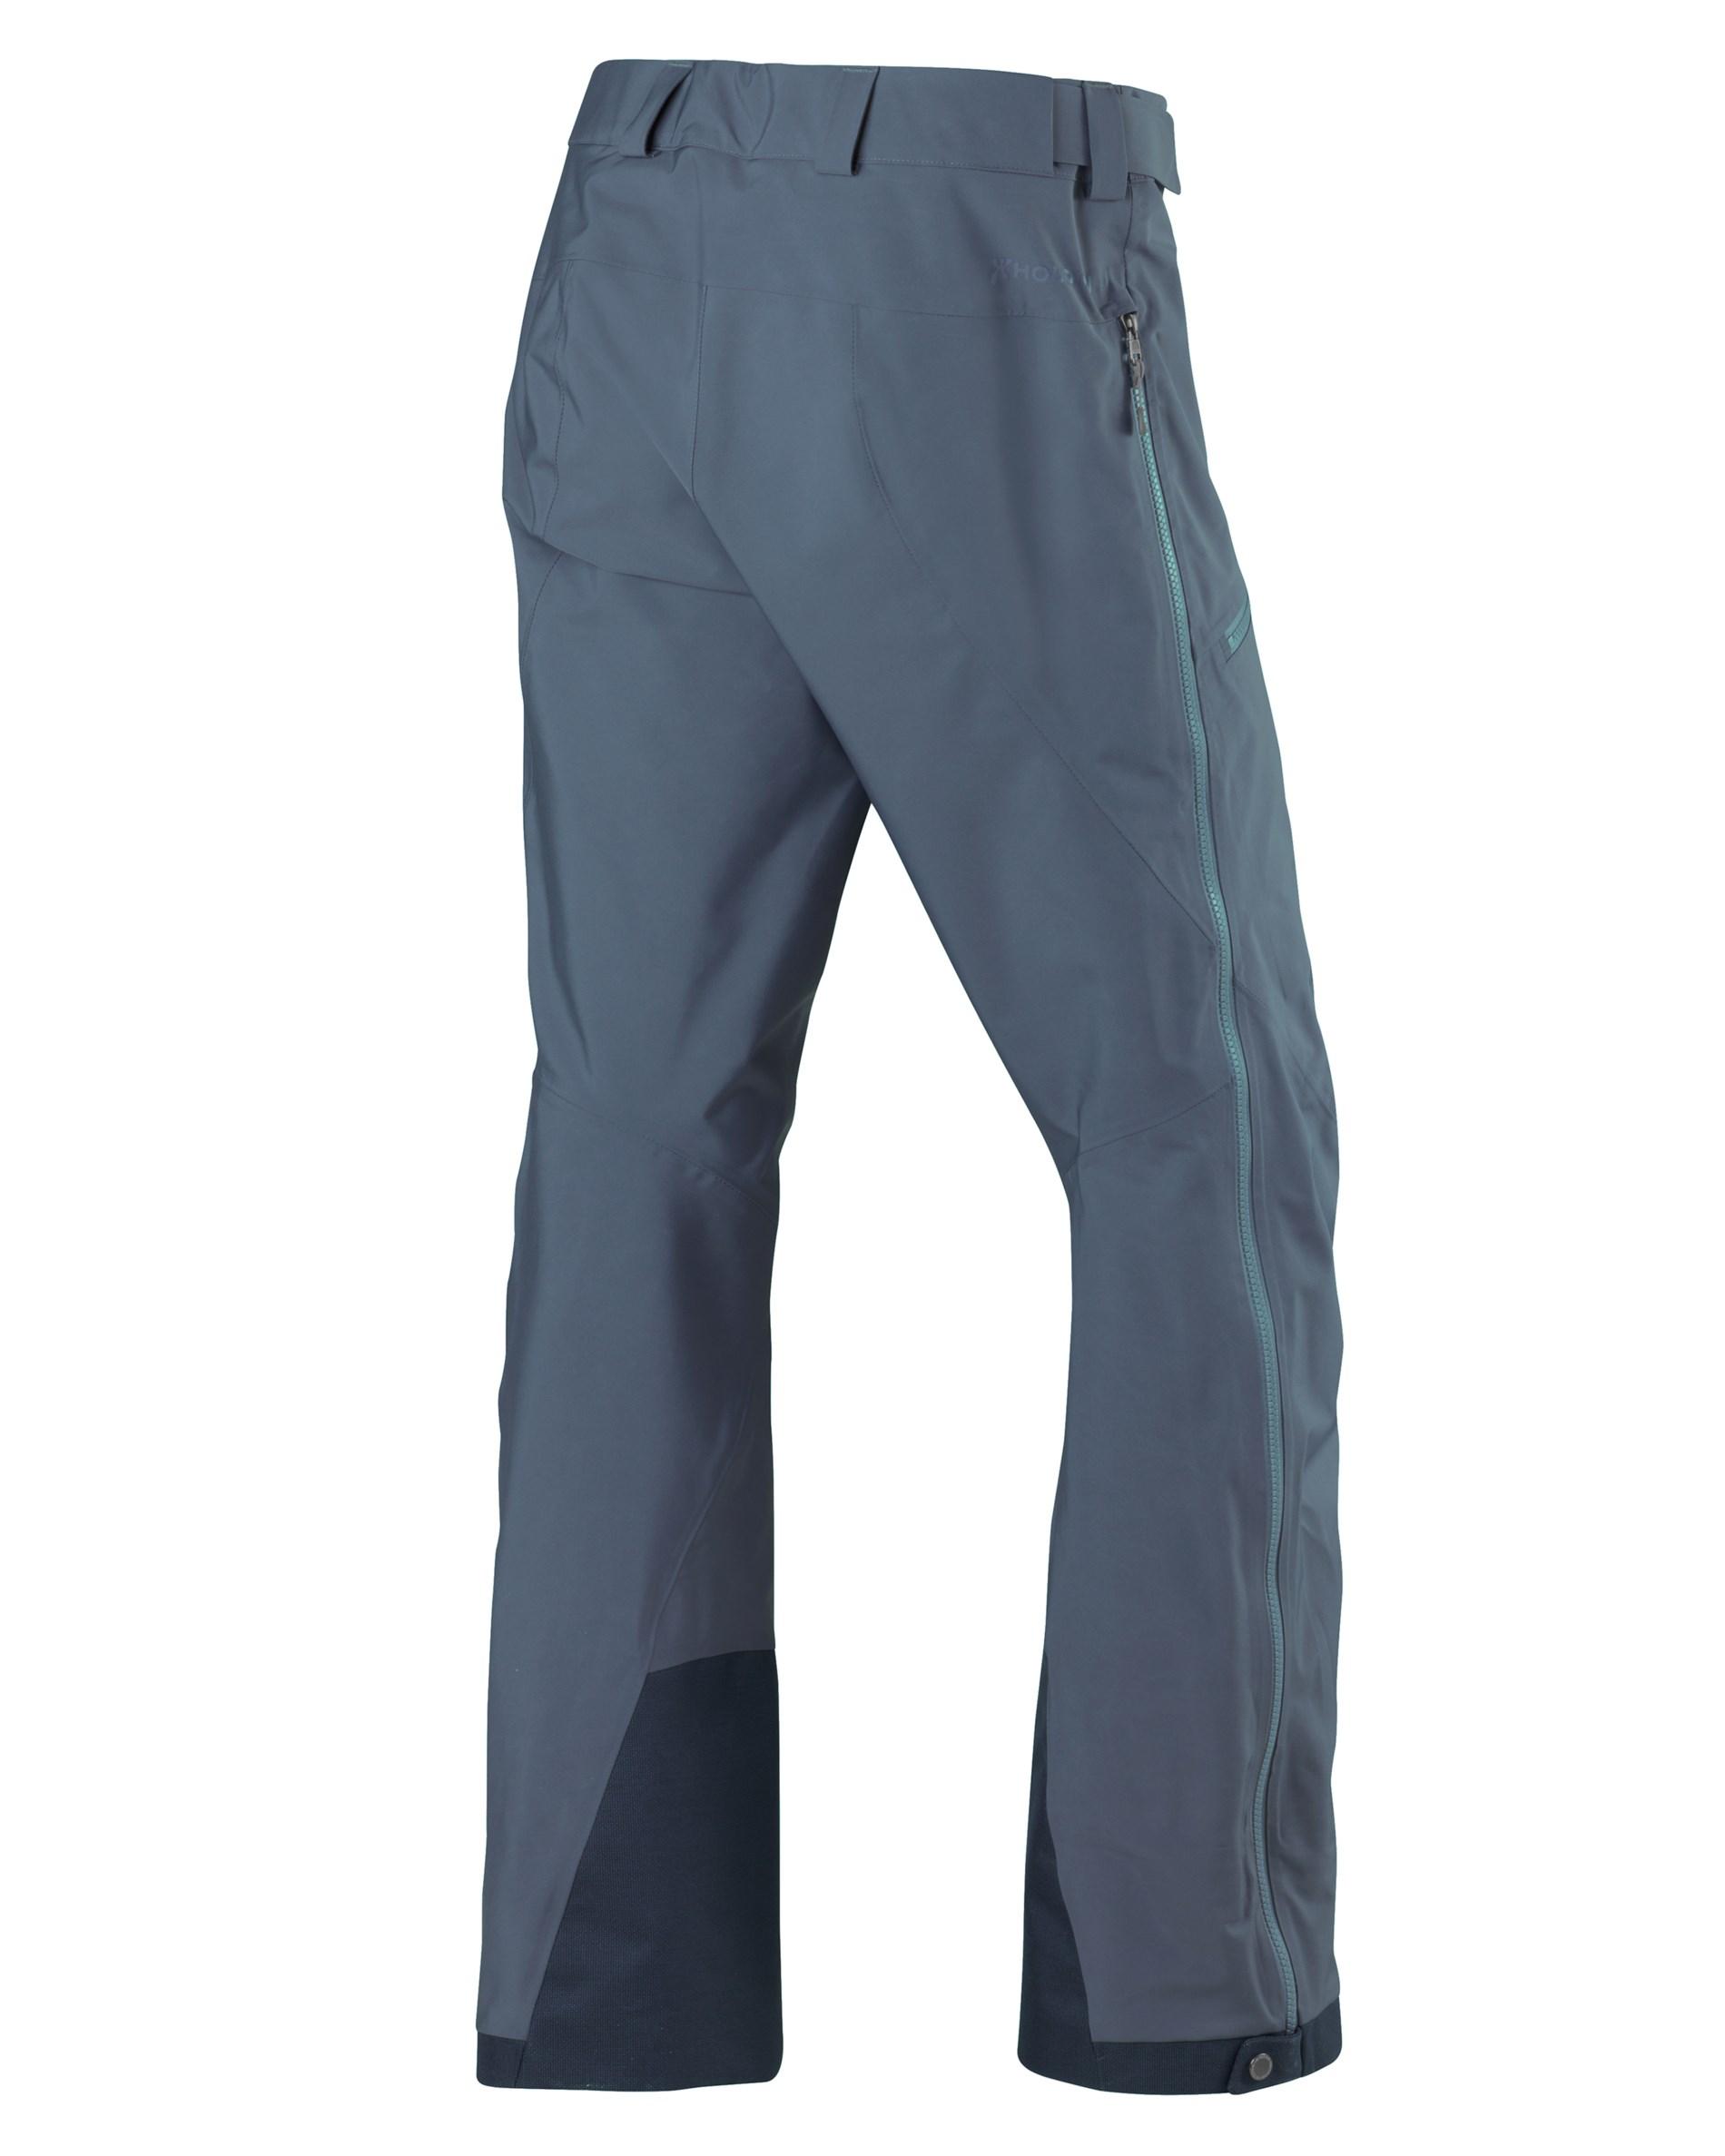 c4401c61 Purpose Pant W Dark Denim